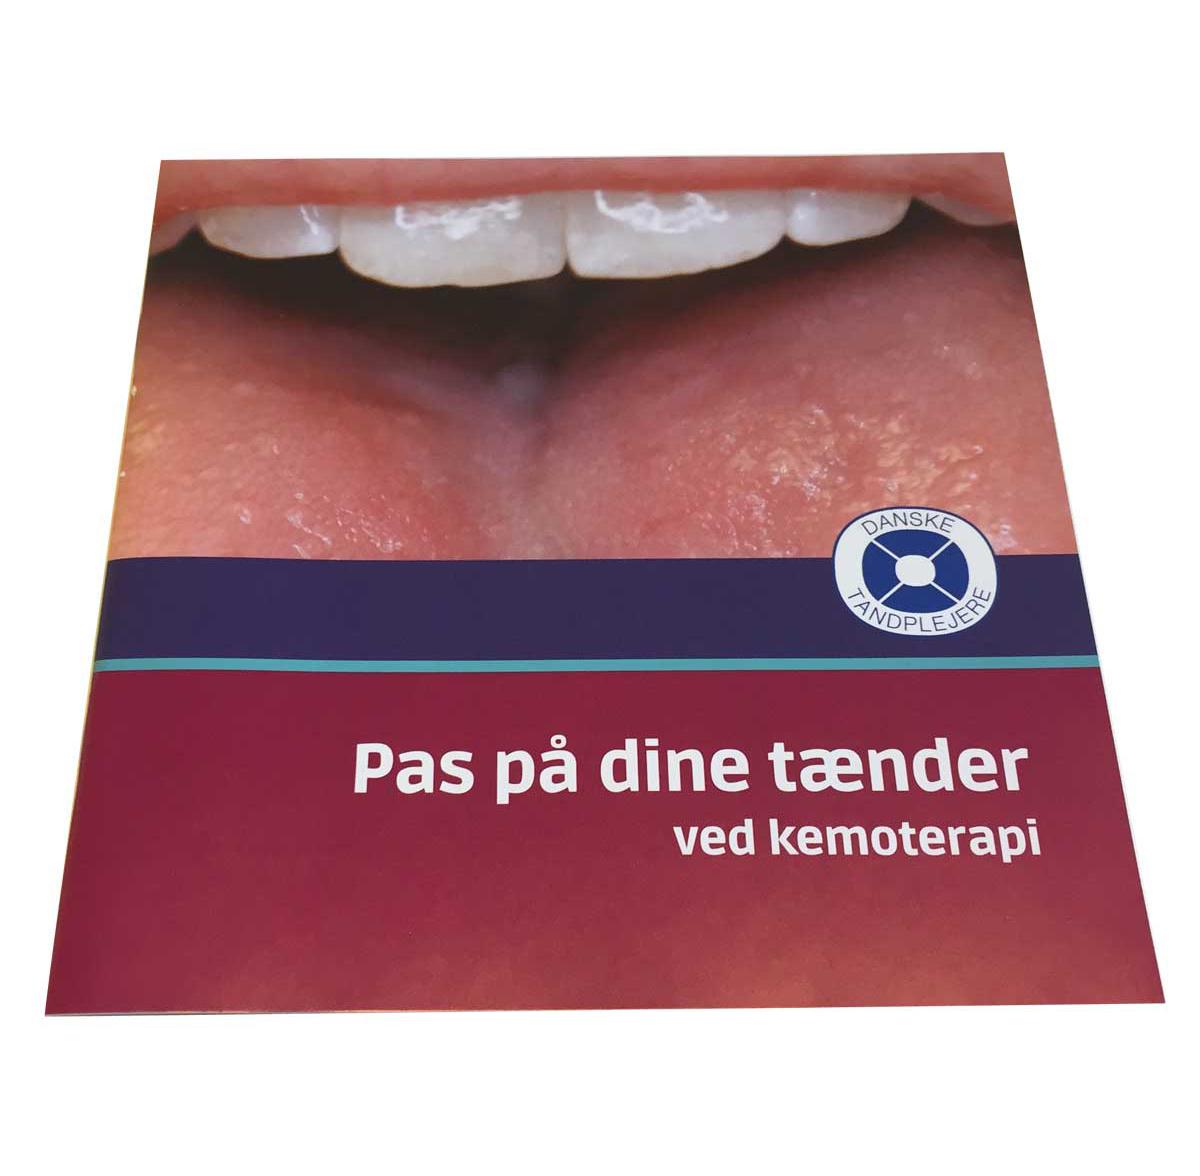 Pas på dine tænder ved kemoterapi